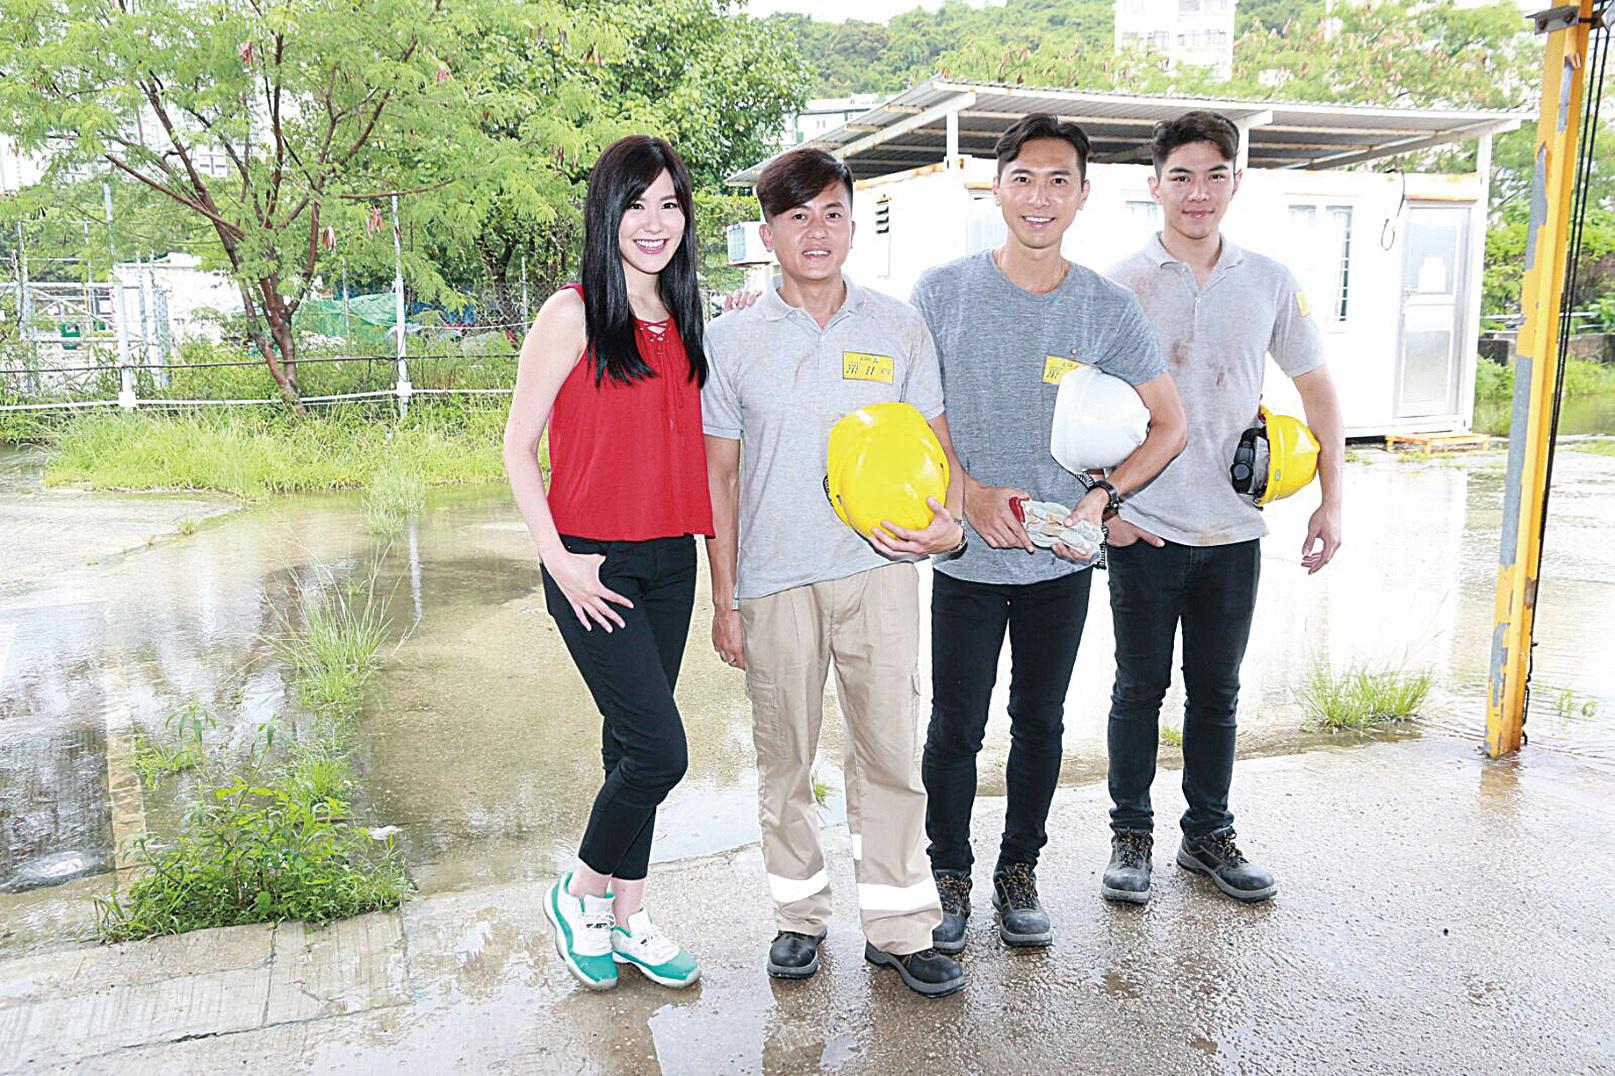 羅天宇和劉佩玥等出席節目《建造業議會呈獻:築.動.愛》外景探班。(網絡圖片)